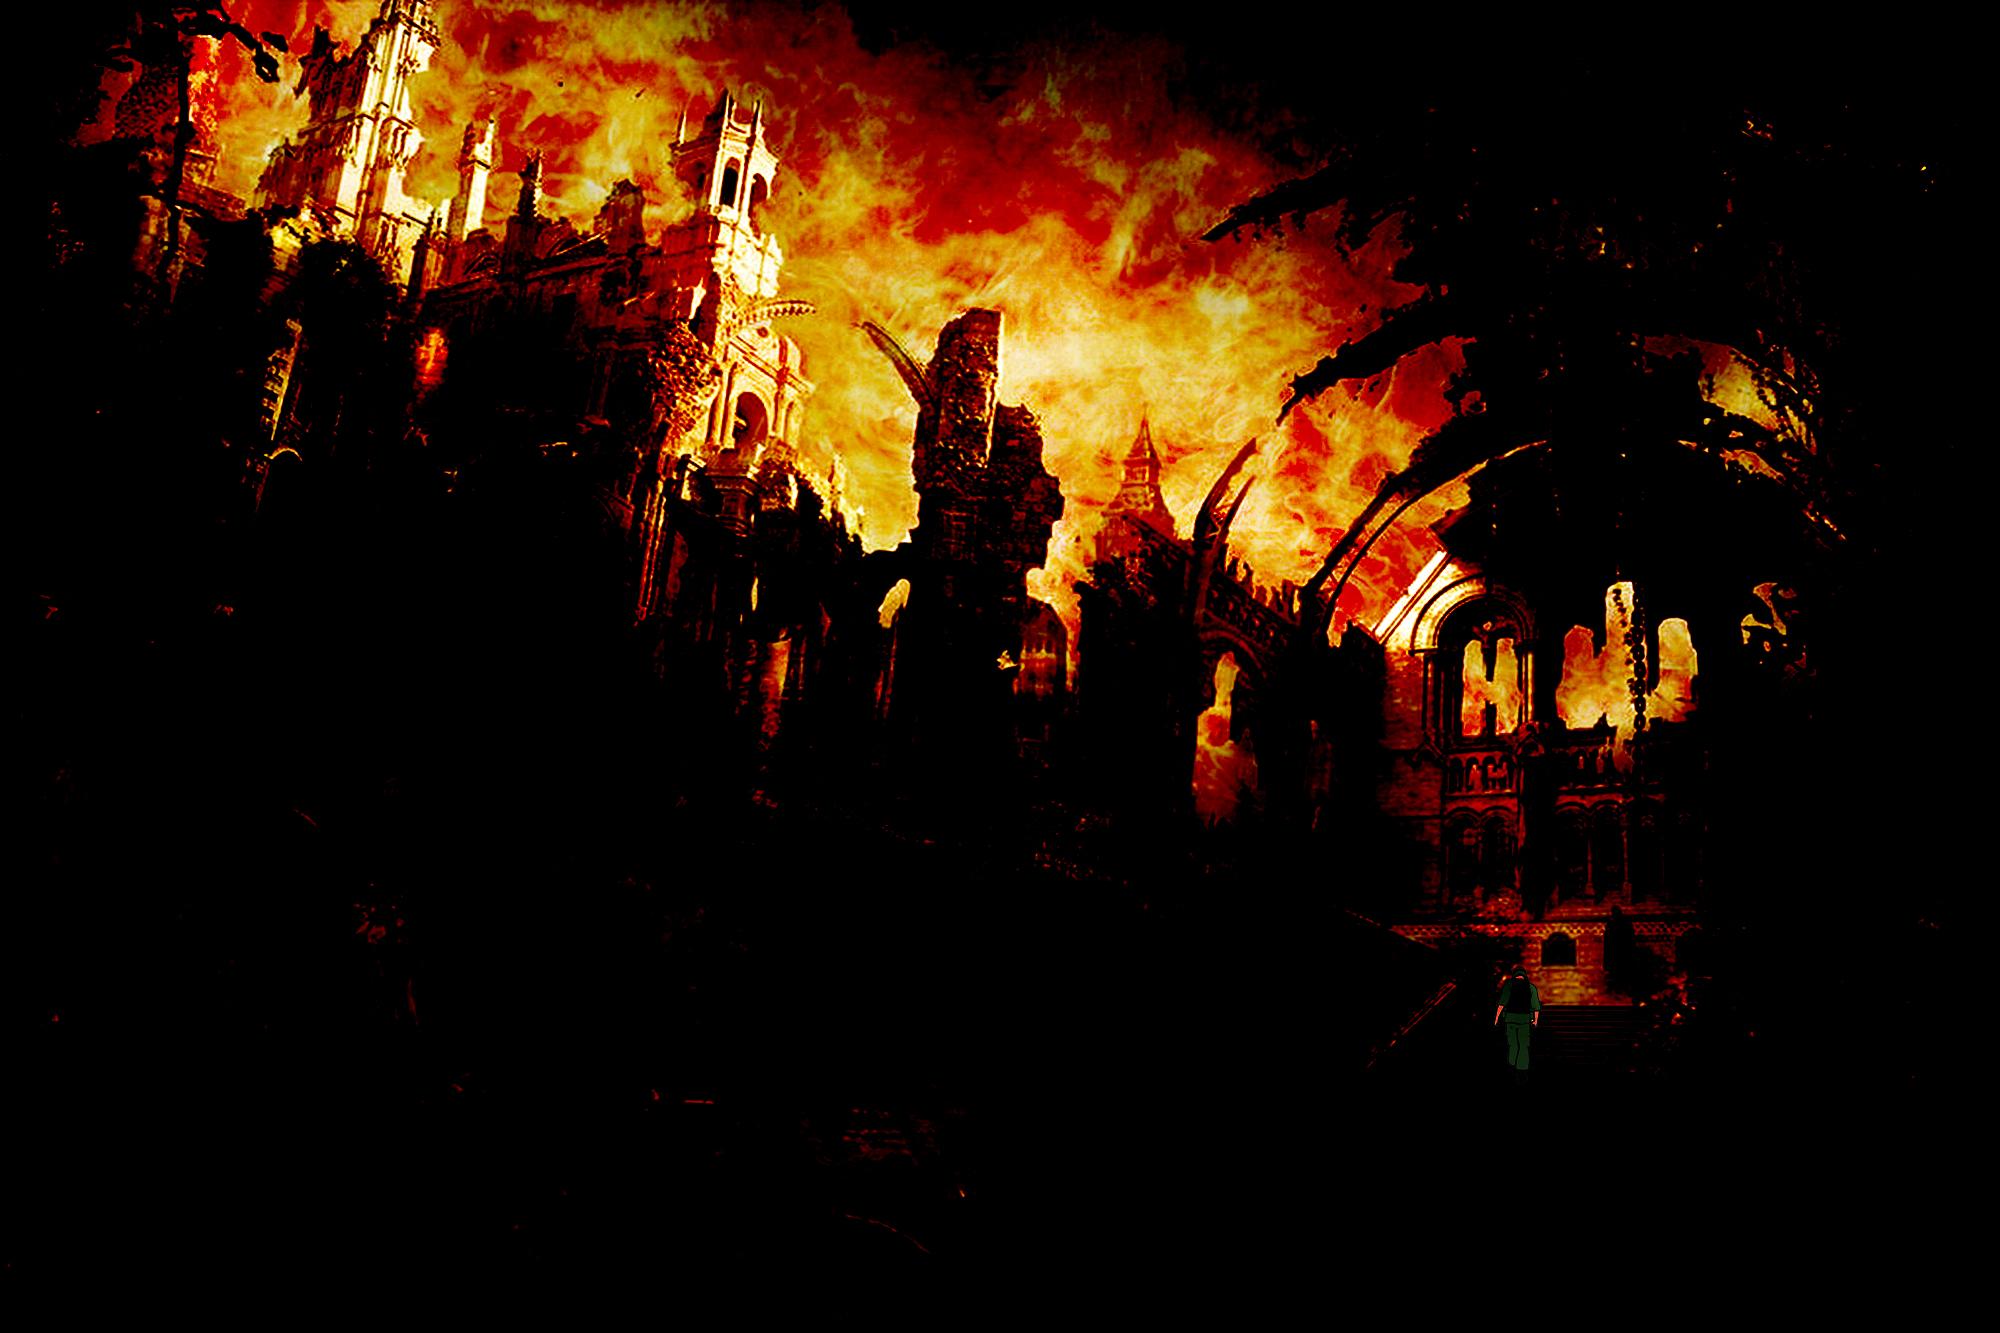 Děti hvězd - kapitola 2: Pod hořícím nebem 5931